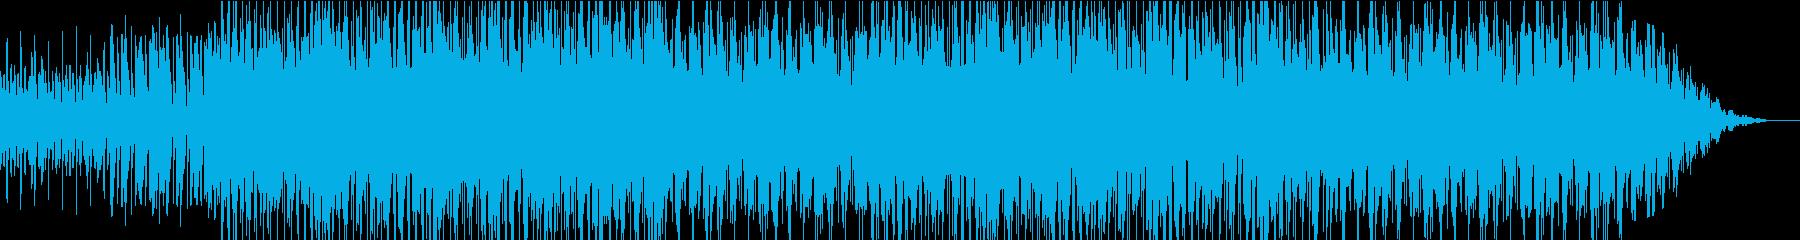 ラテン ジャズ ティーン ファンク...の再生済みの波形